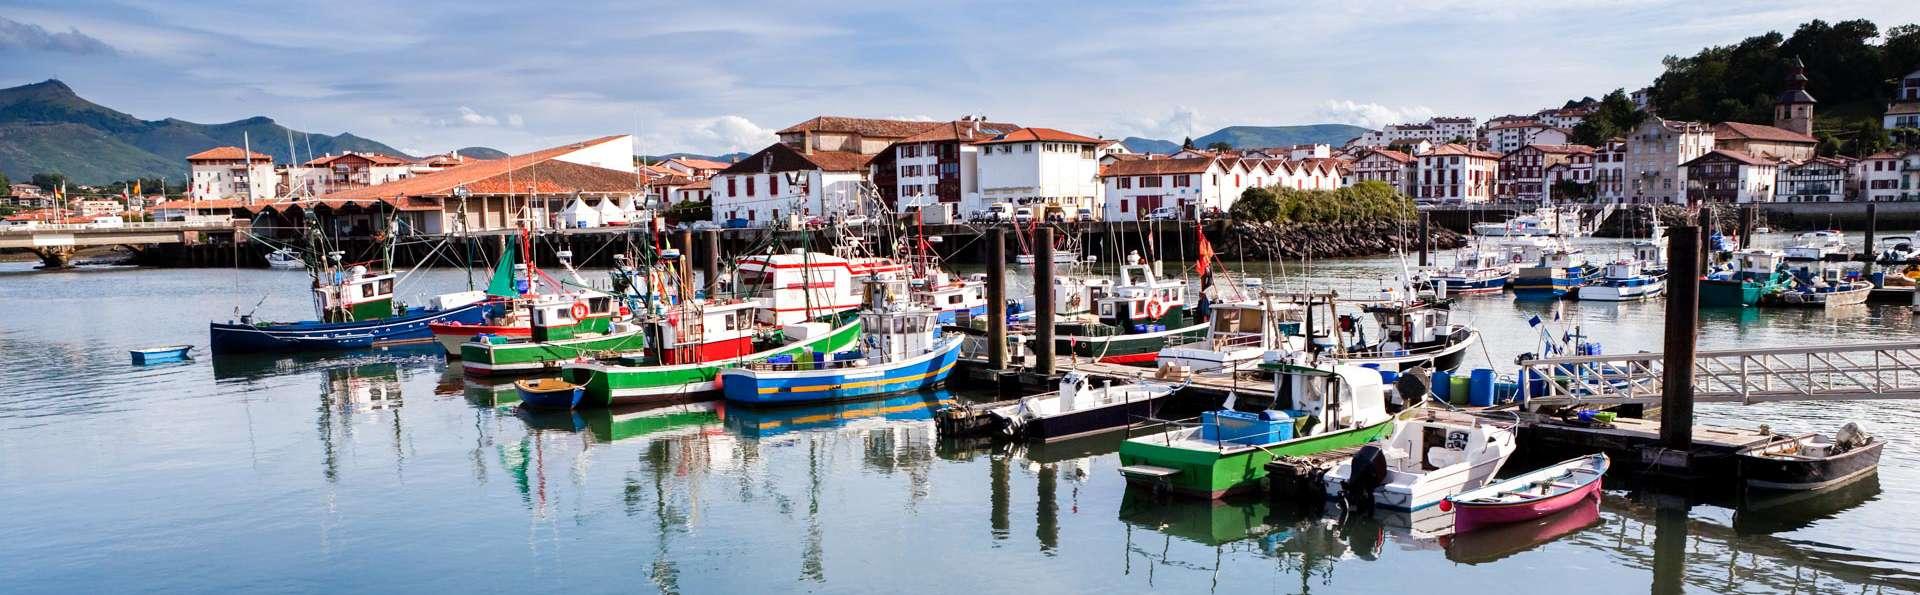 Respirez l'air iodé sur votre balcon avec vue sur la baie de St Jean-de-Luz